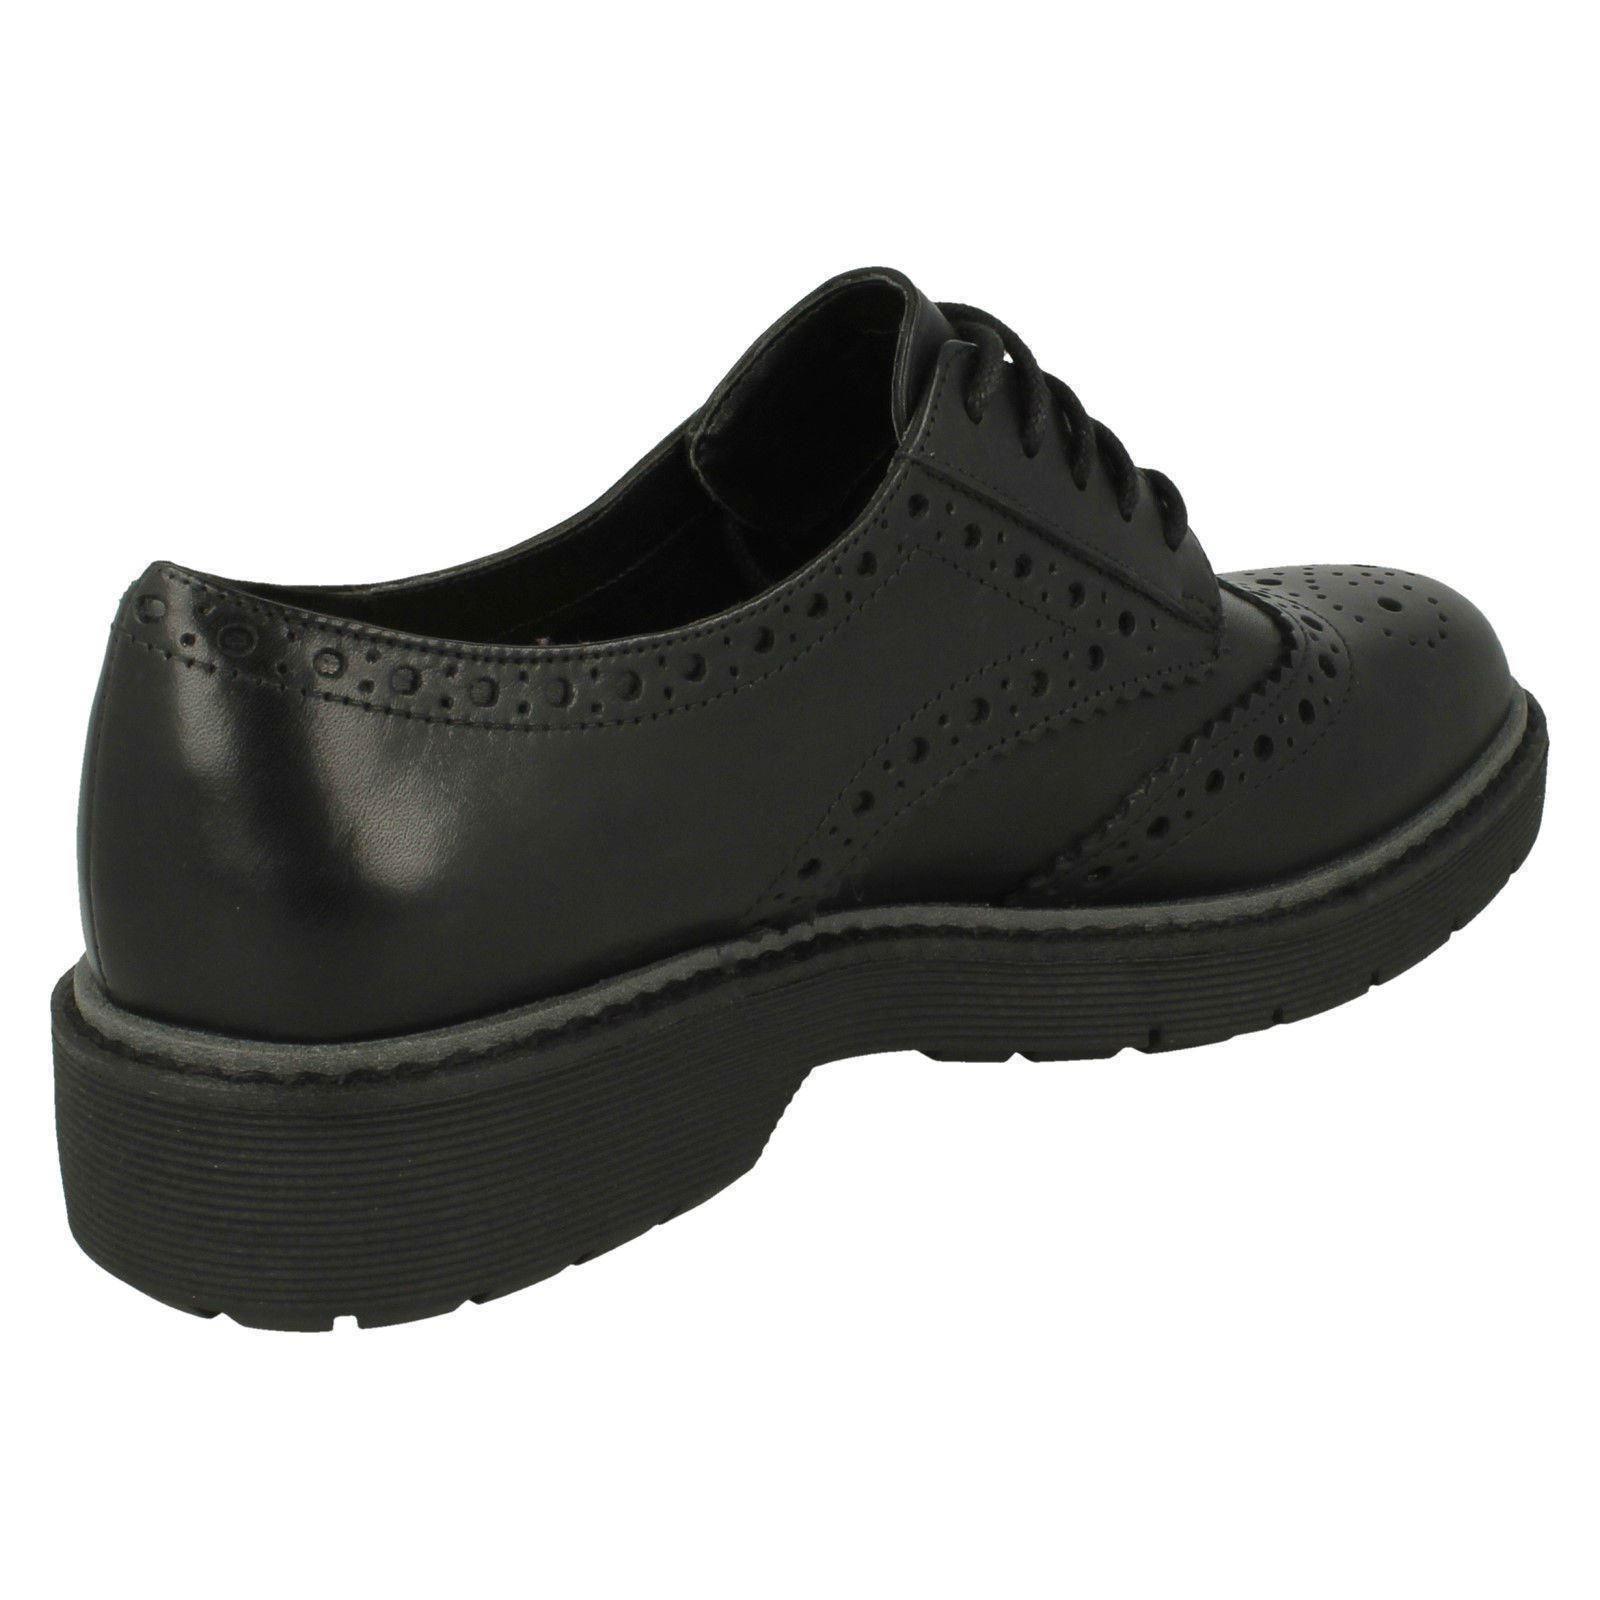 Damenschuhe Clarks Lace Up Casual Schuhes Schuhes Schuhes - Alexa Darcy 1e78da